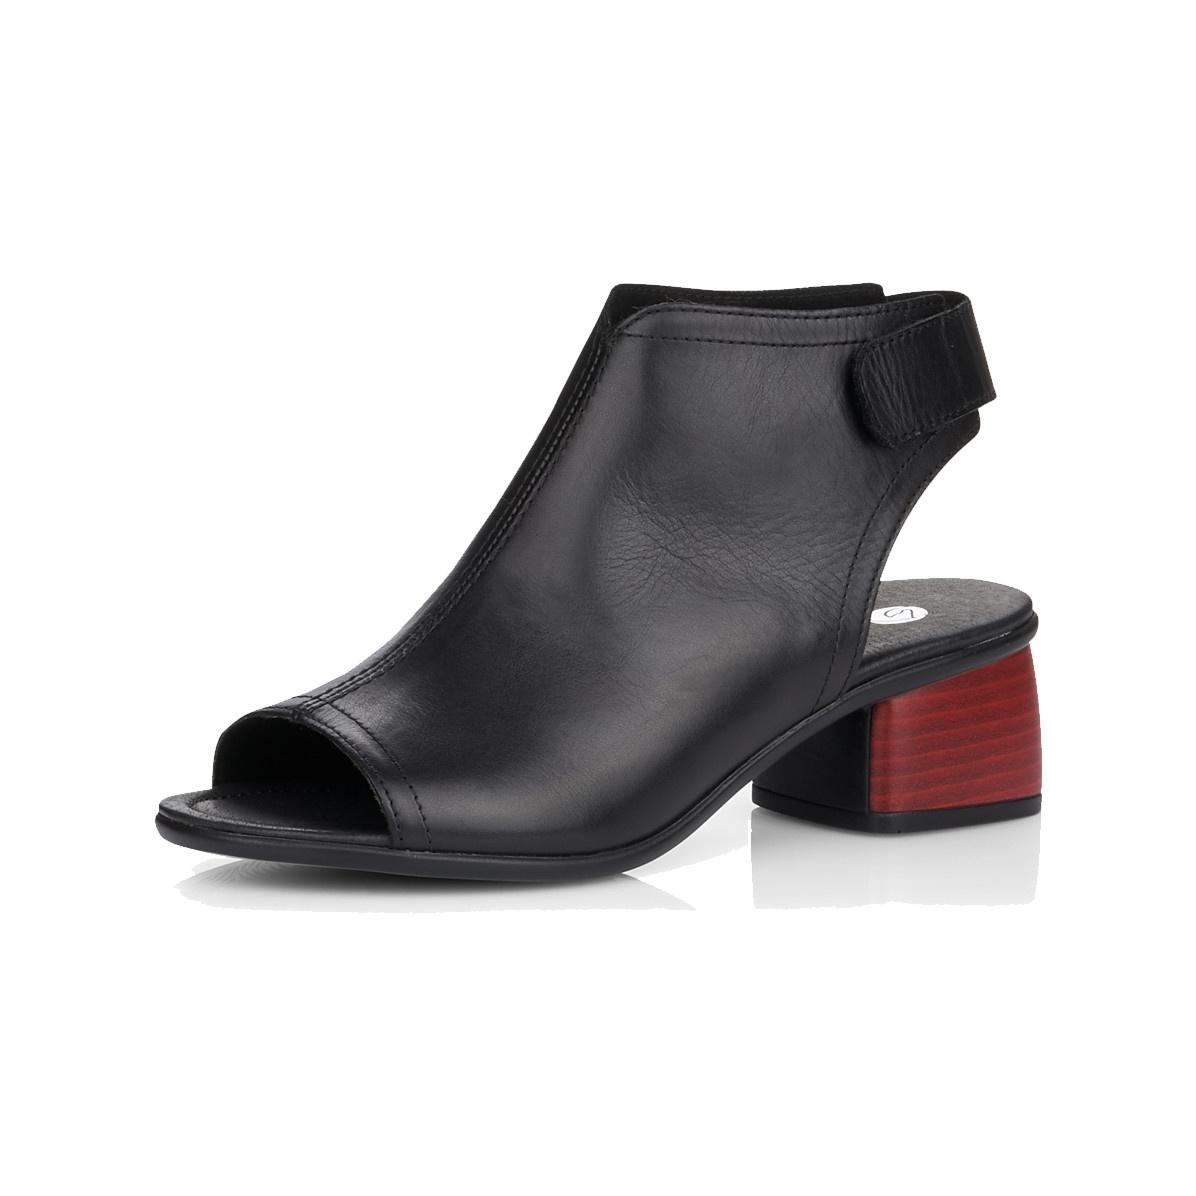 Remonte Remonte Women's R8770-01 Black